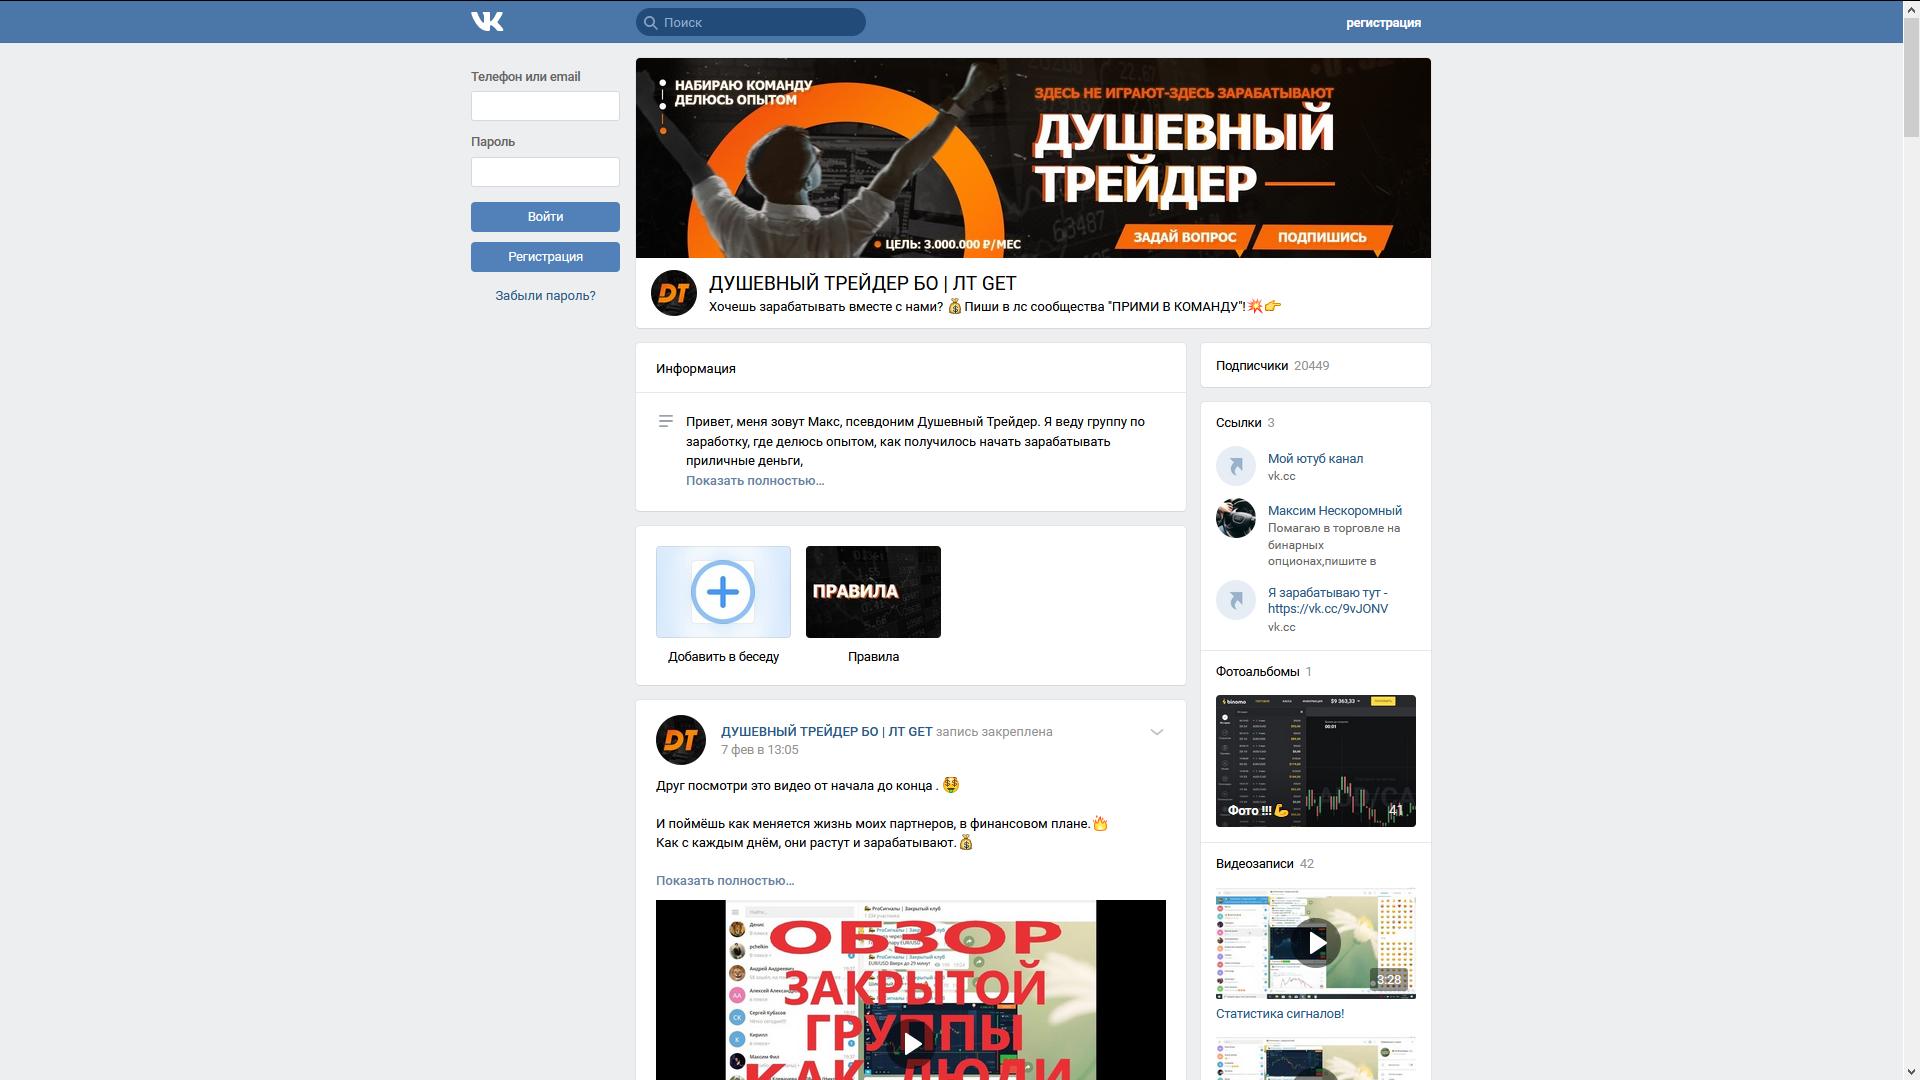 vk.com/dushevniy_tr_lt_get6 / https://vk.com/public163120496 / ДУШЕВНЫЙ ТРЕЙДЕР БО / Отзывы о мошеннике и кидале